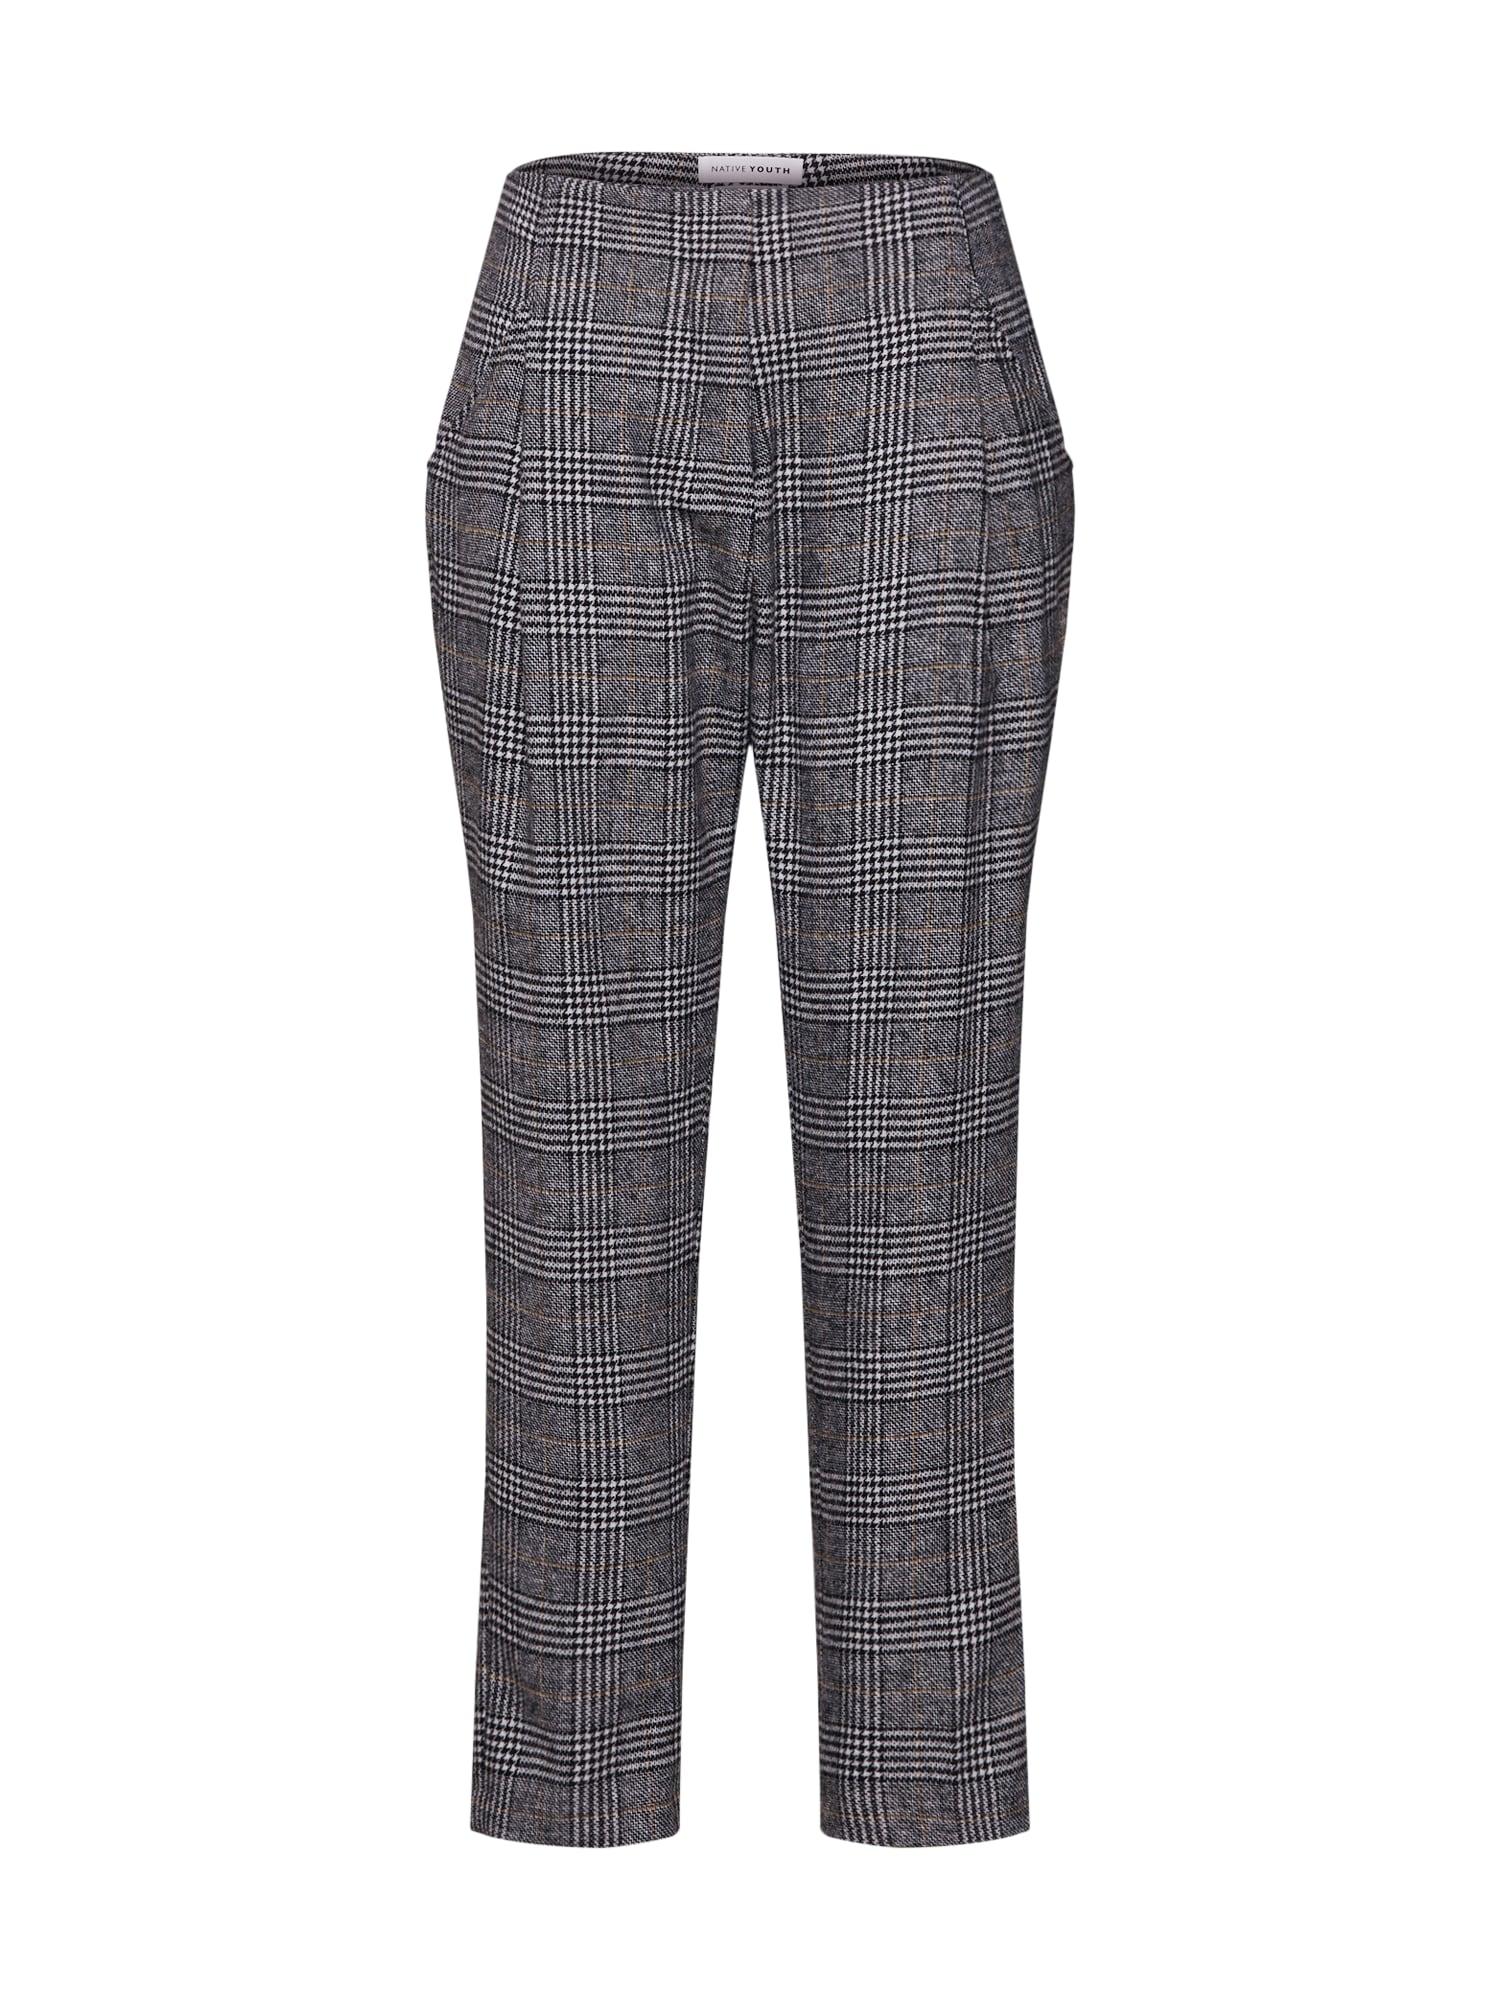 Kalhoty ALBION PANT šedá Native Youth